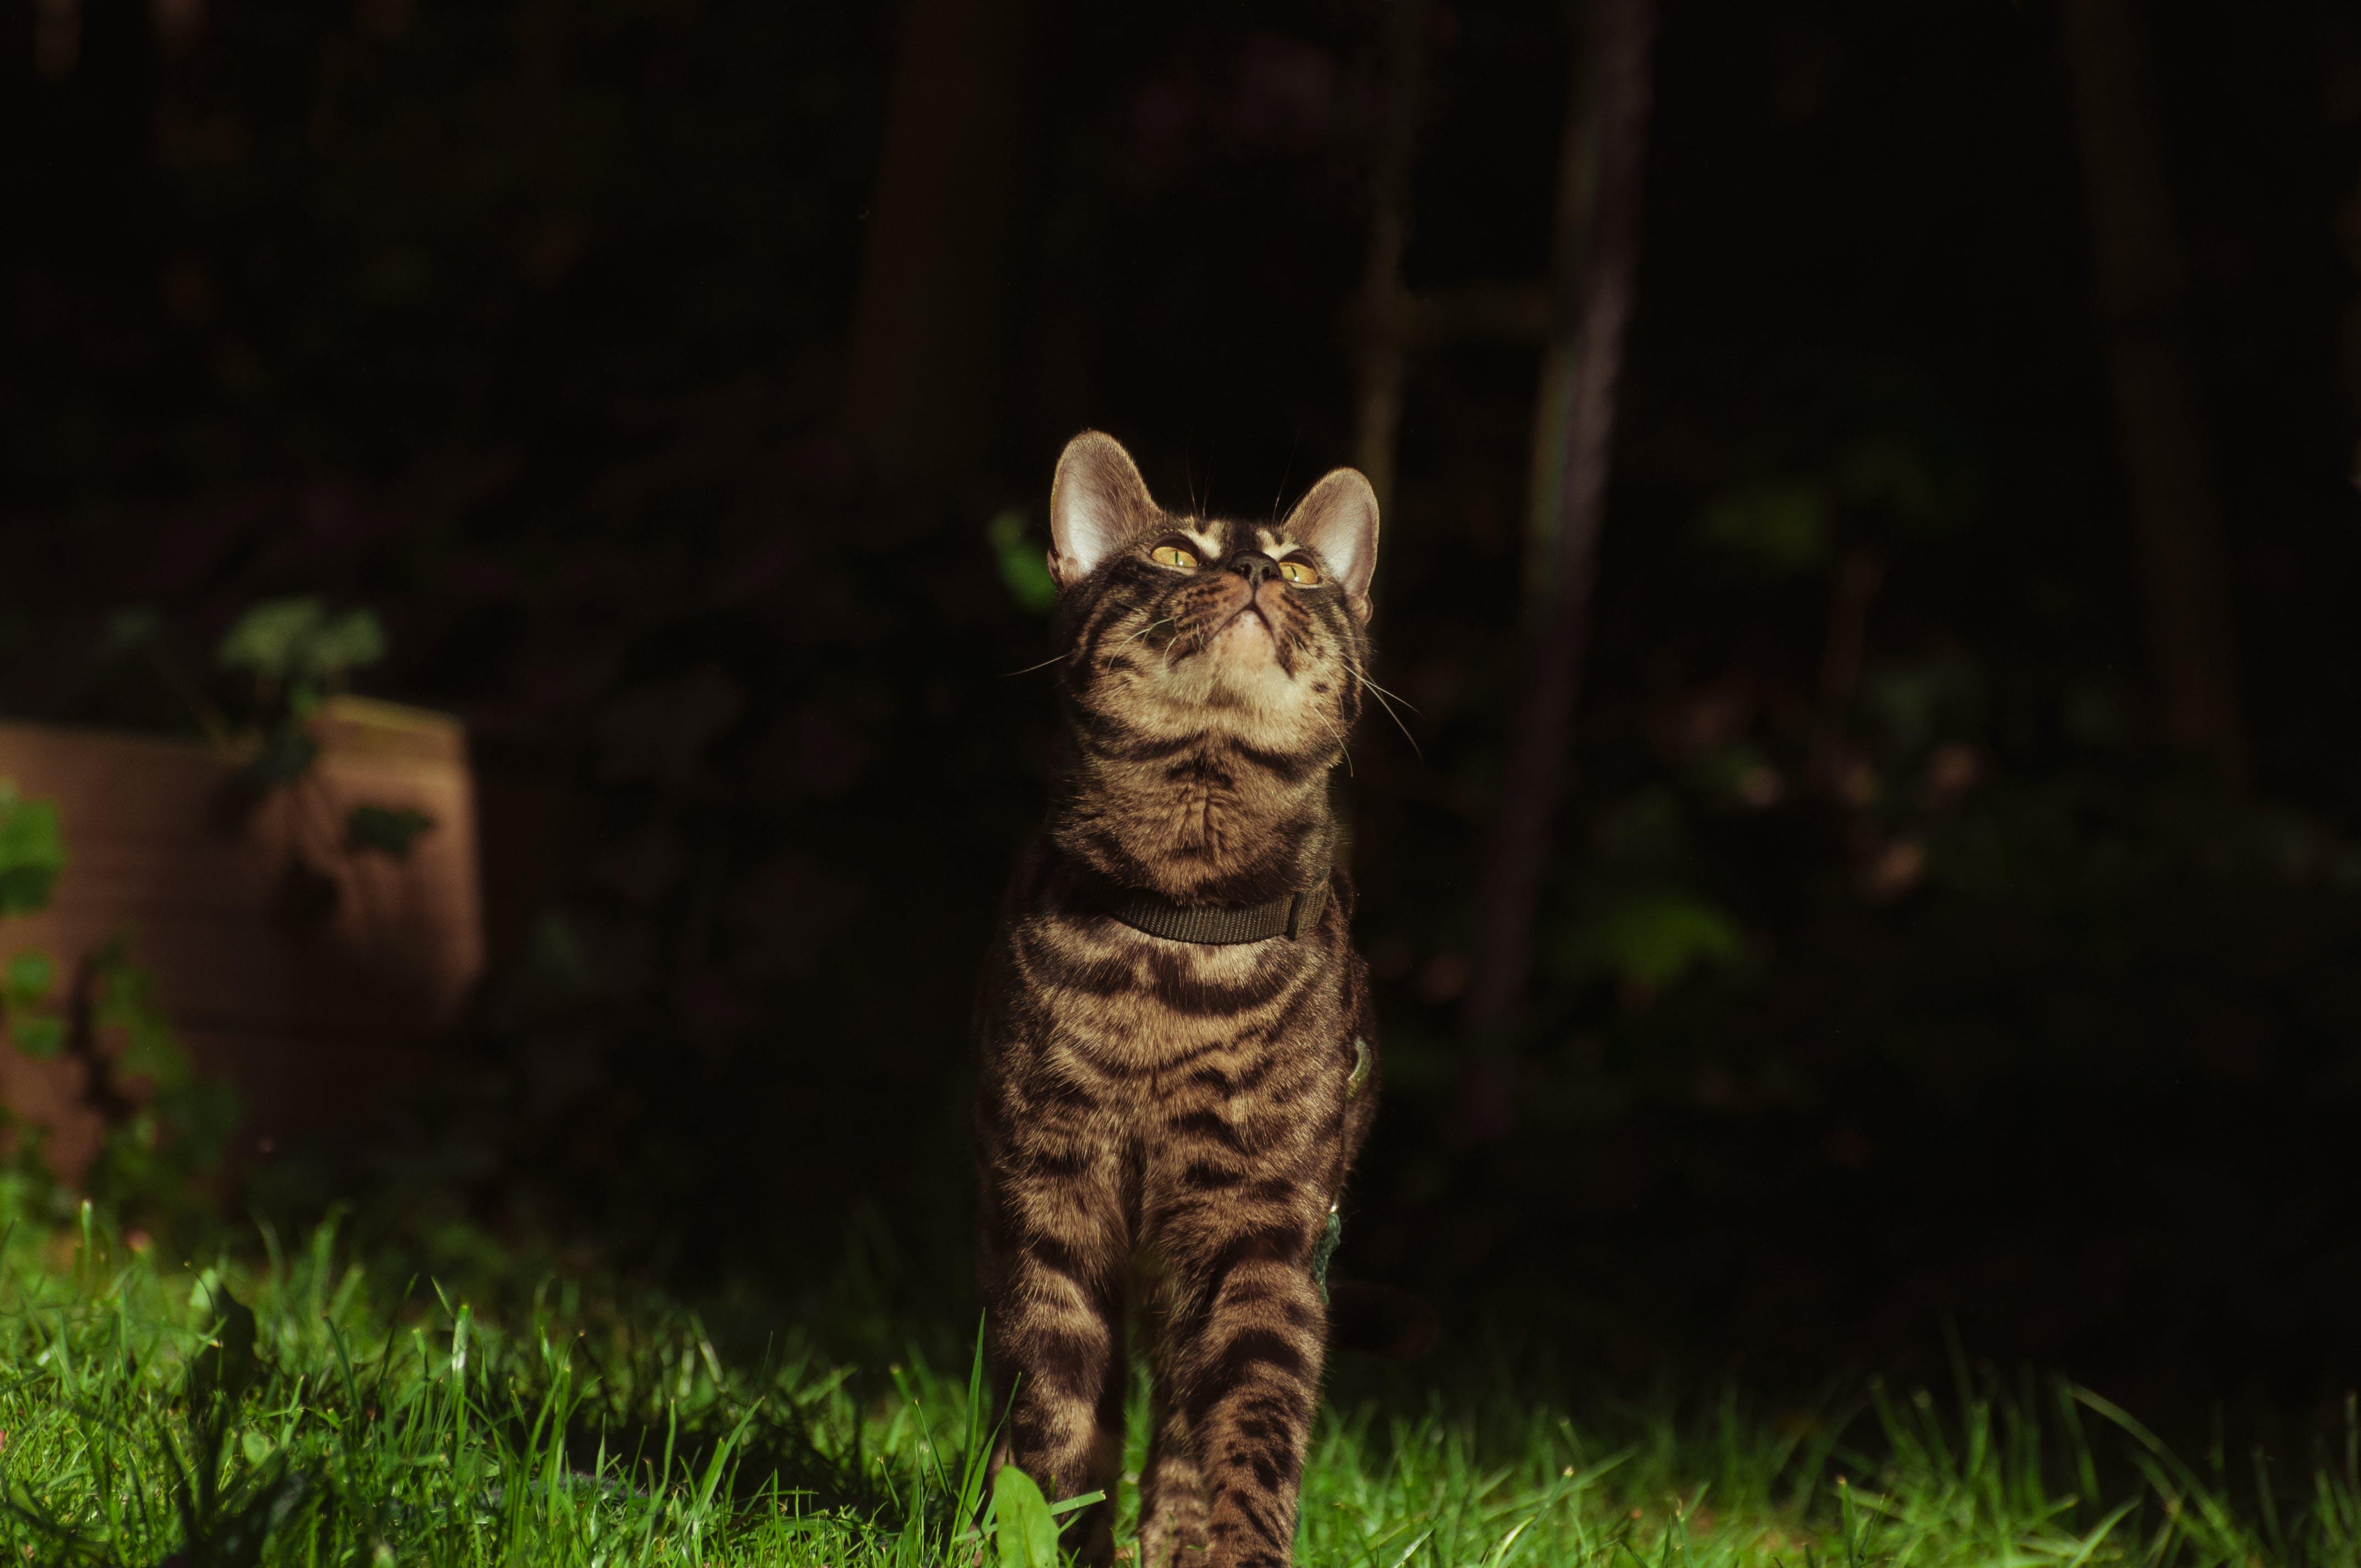 動物攝影, 好奇的, 好看, 孟加拉猫 的 免费素材照片